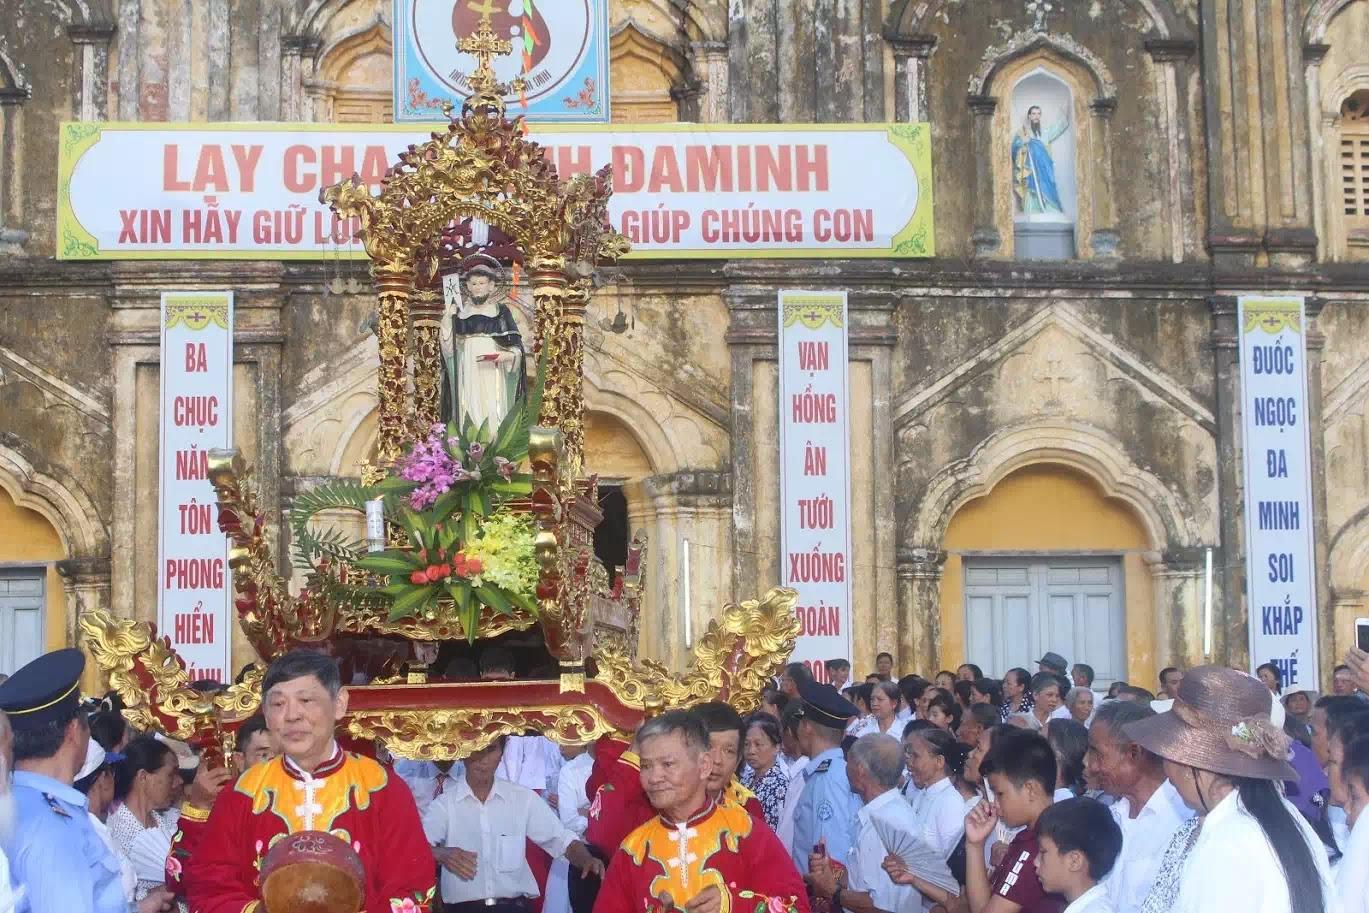 """Kiệu thánh Đa Minh trong ngày đại lễ quen gọi là """"Lễ Đầu Dòng"""" trước nhà thờ chánh toà Bùi Chu"""